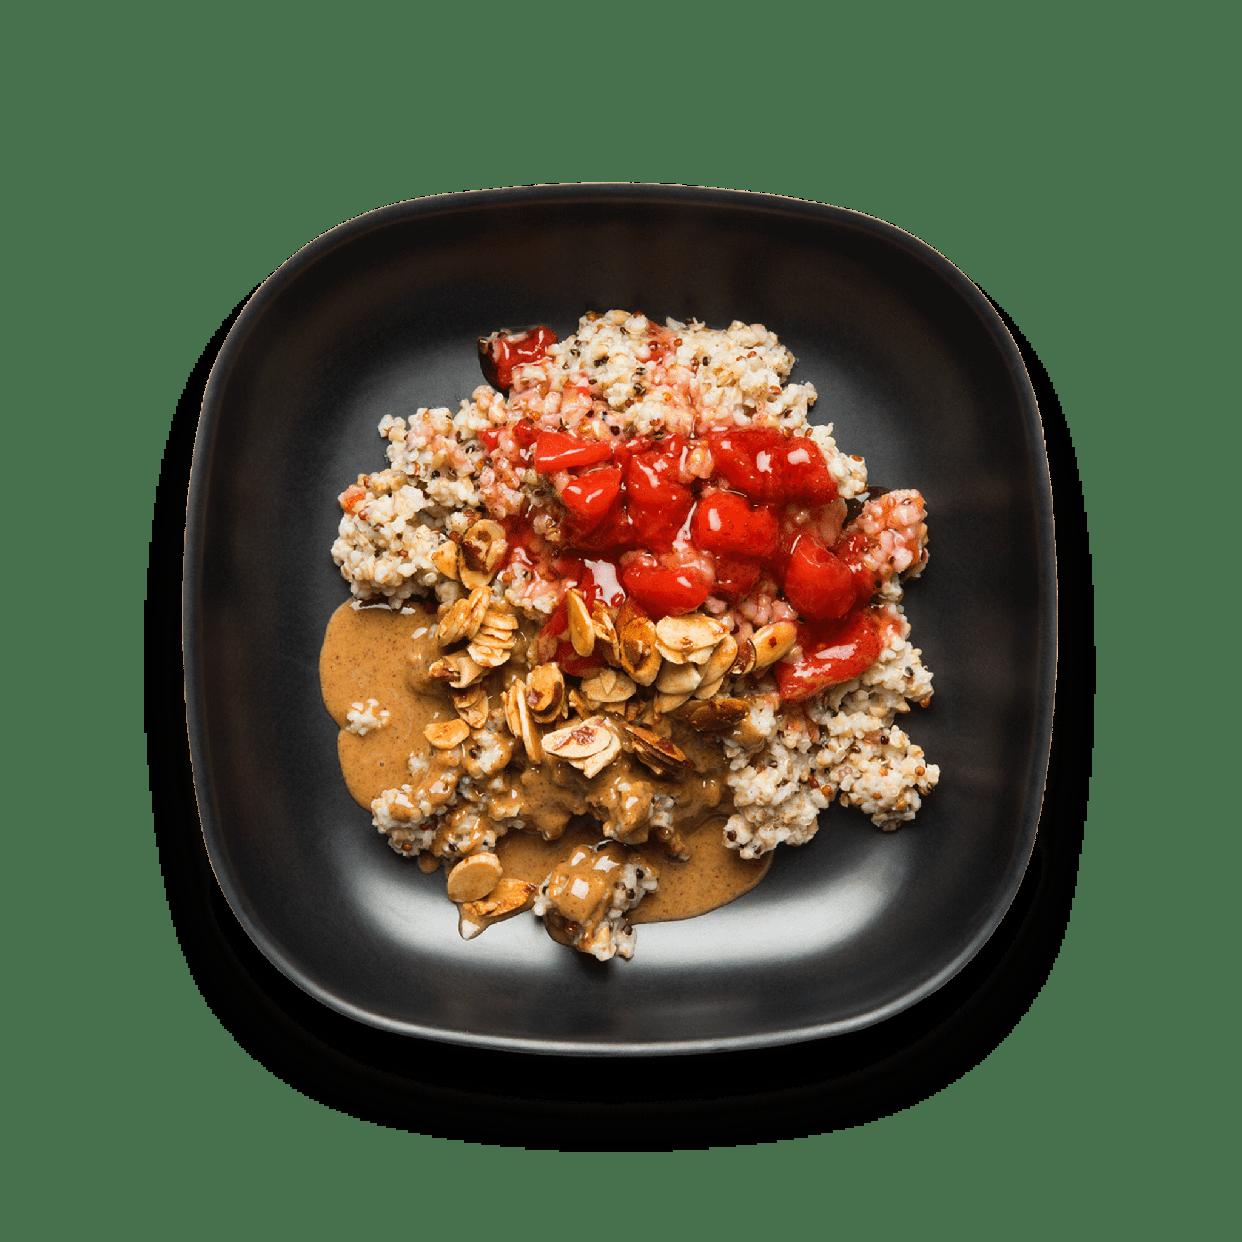 ab&j oatmeal